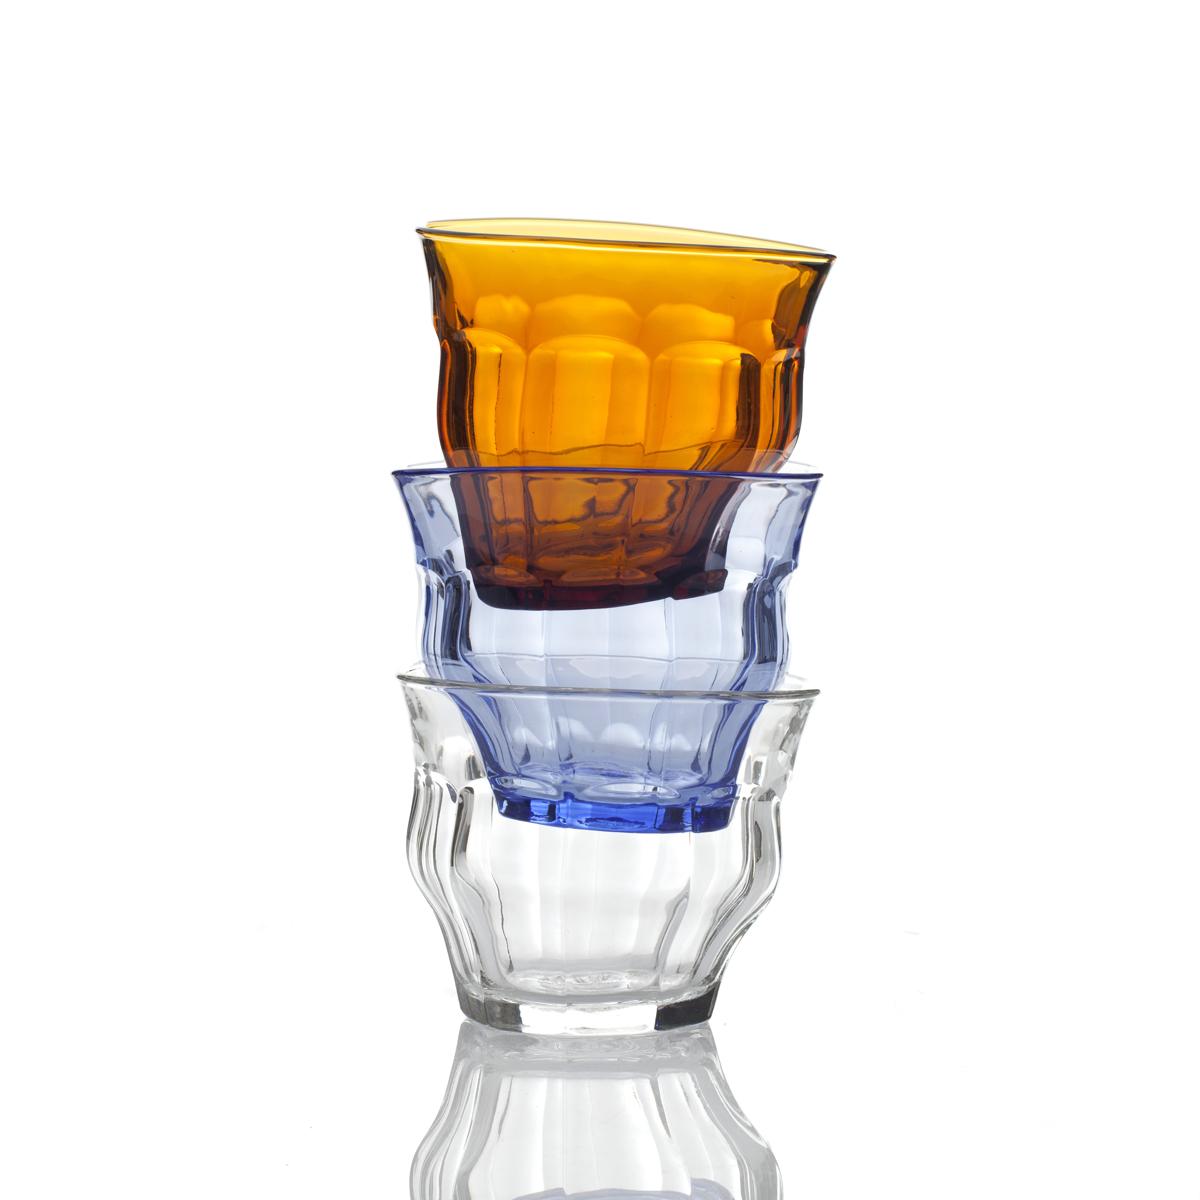 「発想の転換」を大切にするグラス 「発想の転換」を大切にするグラス   TIPSY GLASS 225ml 2個セット